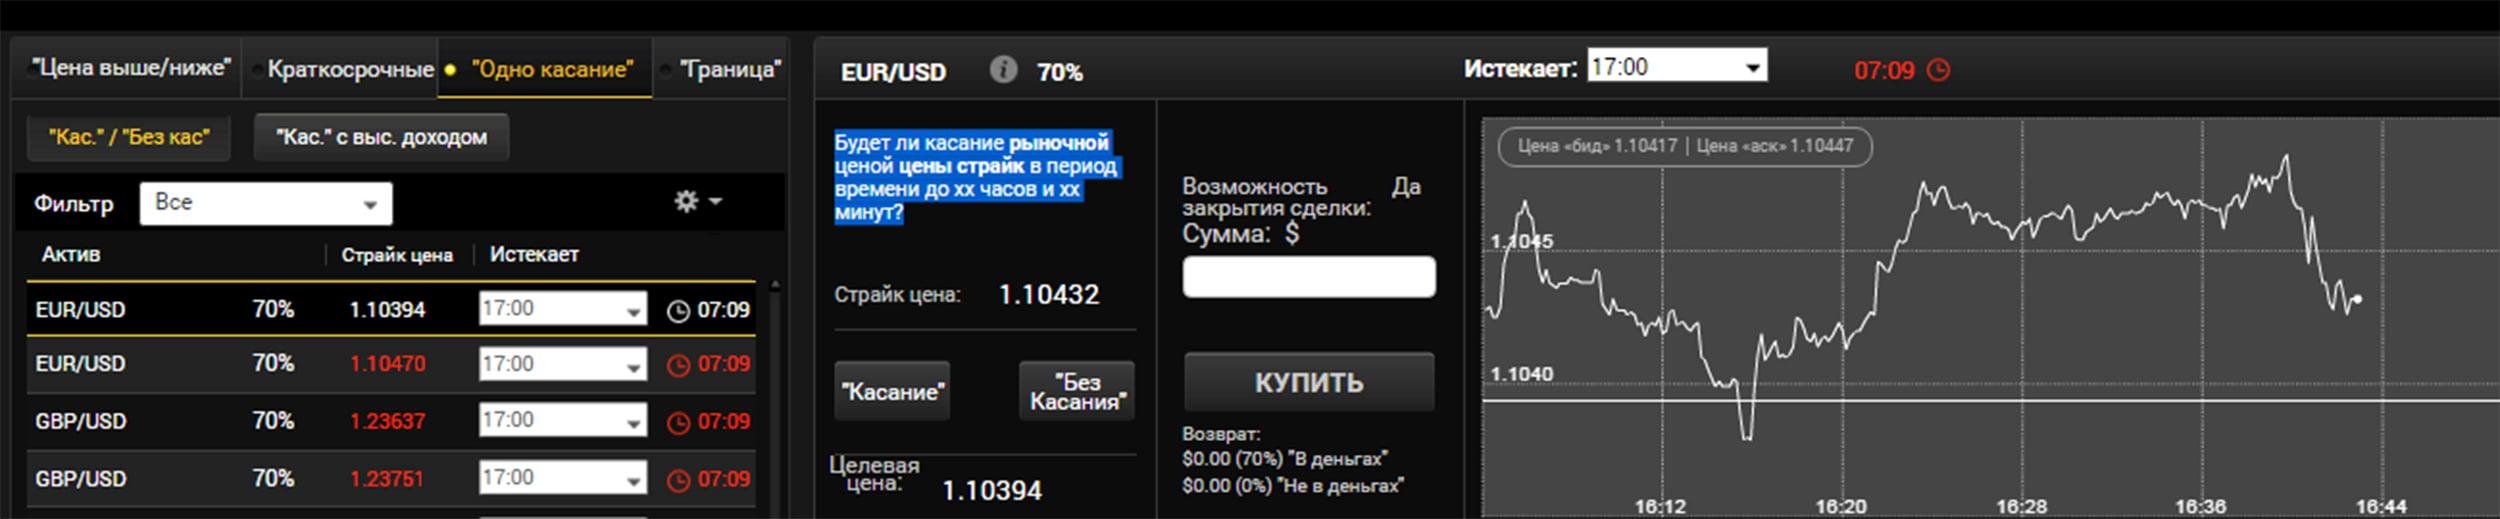 сайт на официальный русском биткоин кошелек-3